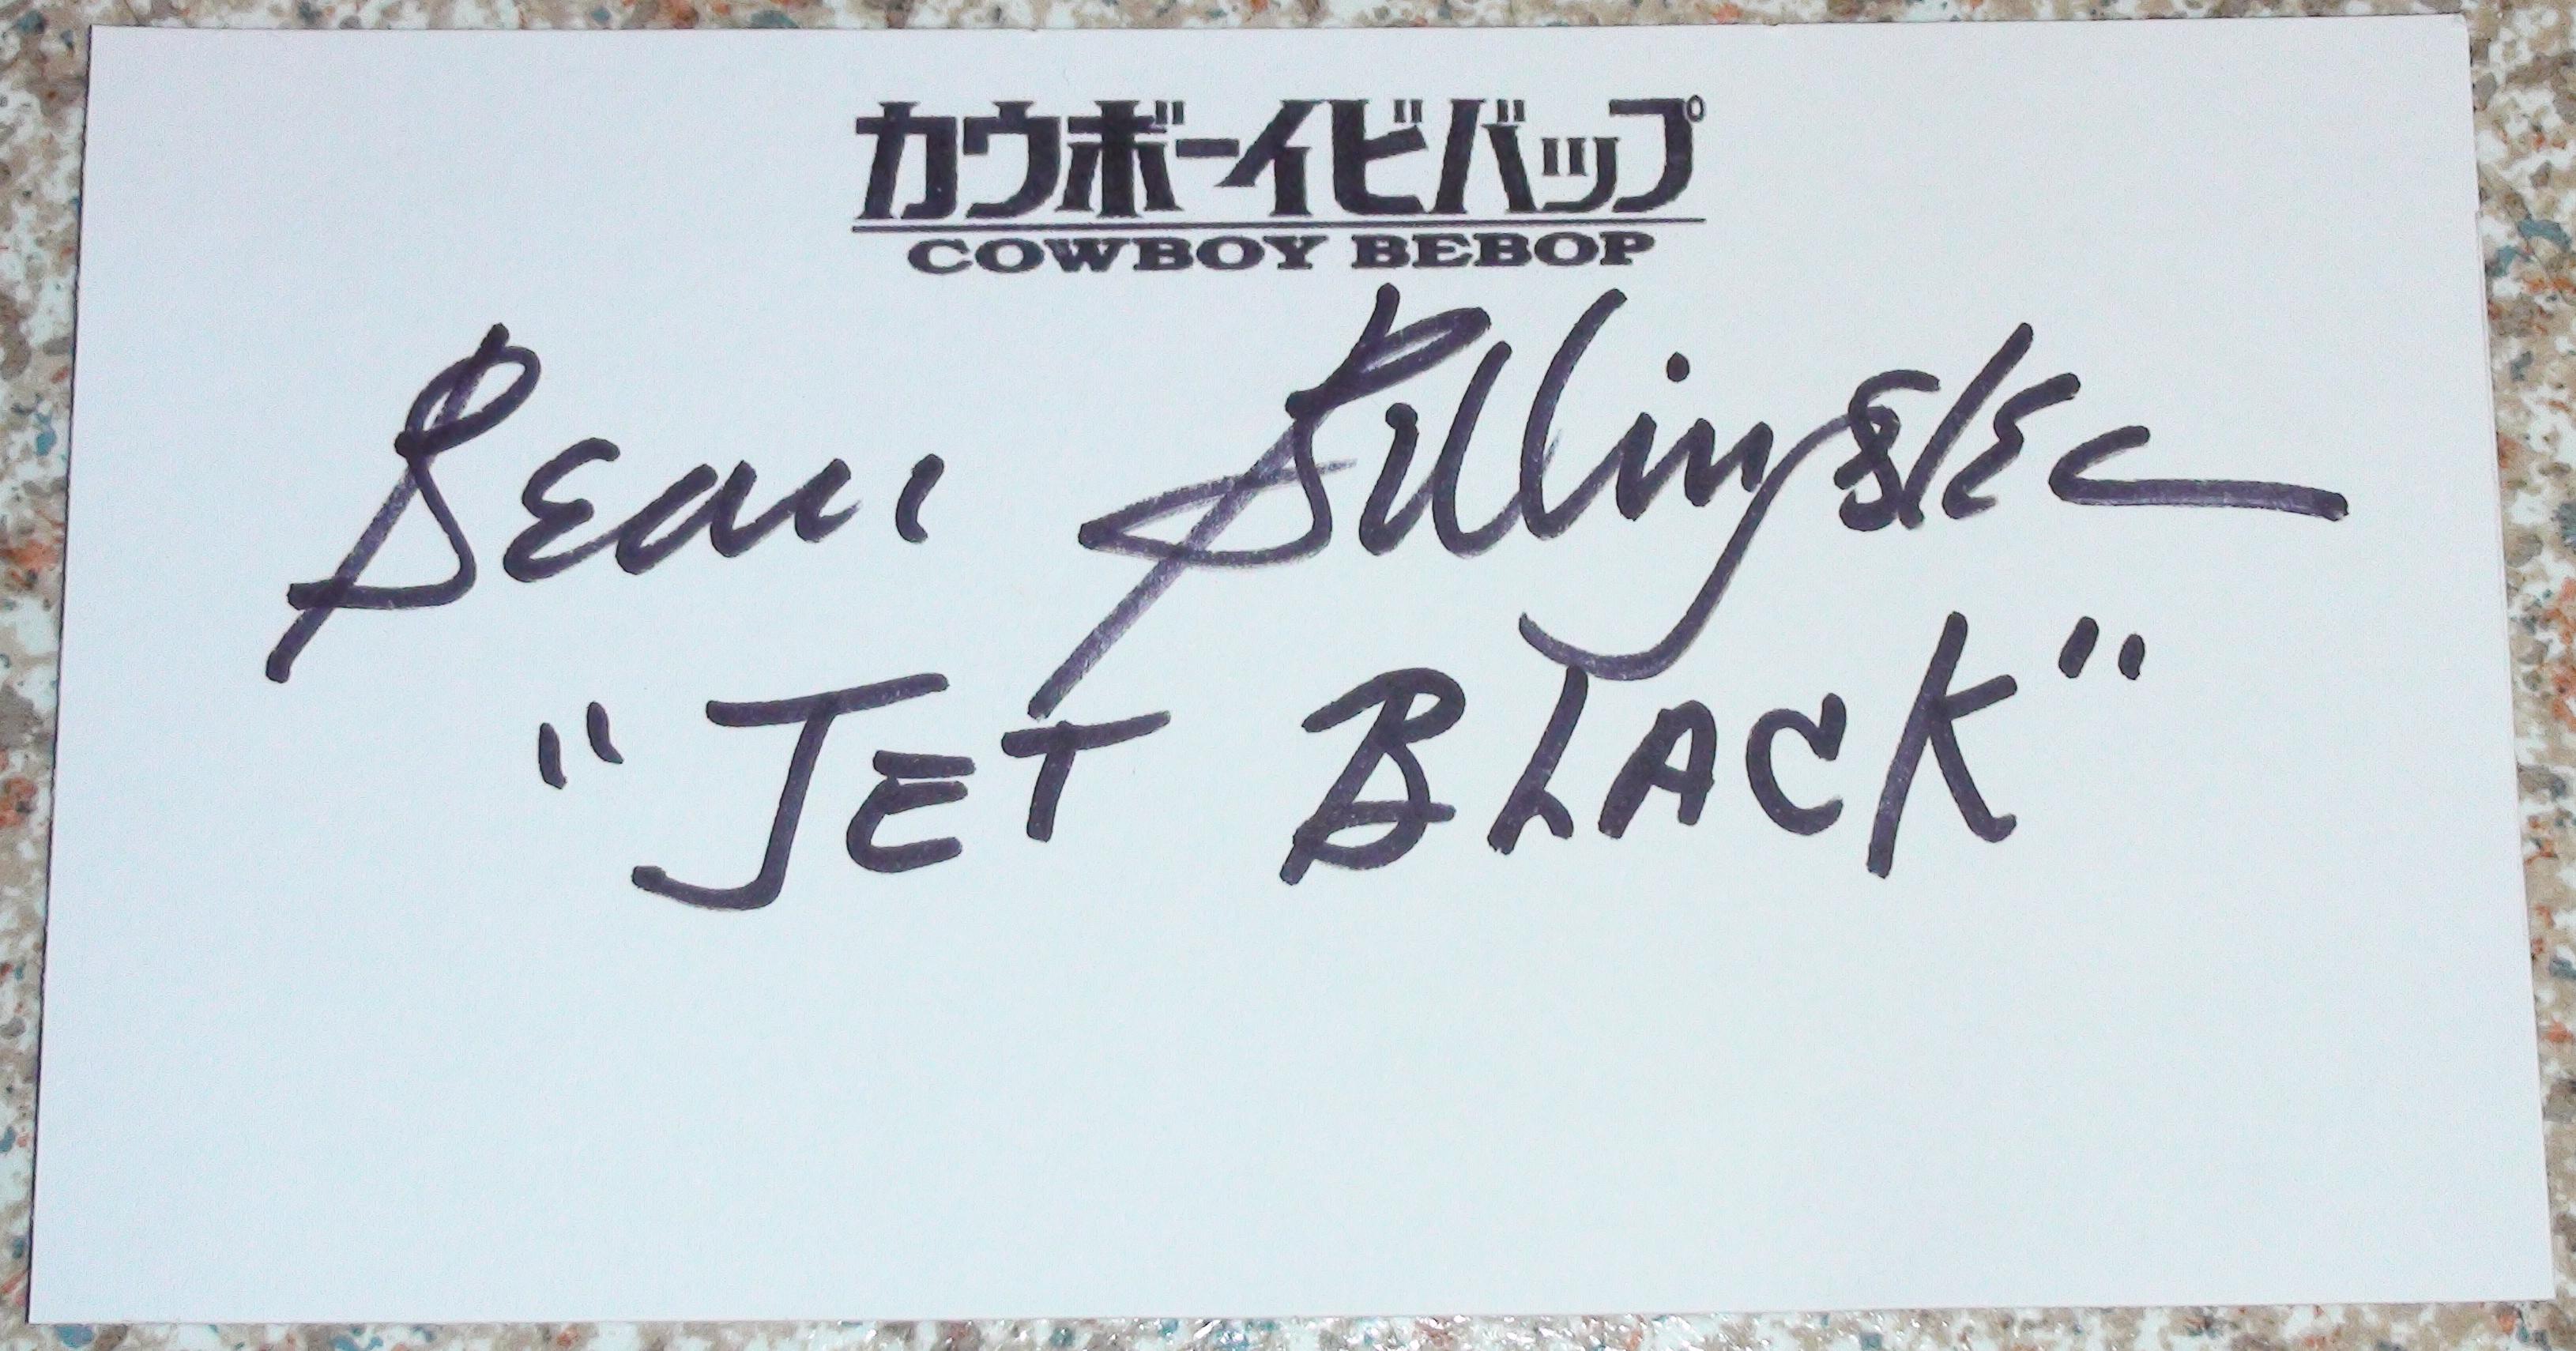 Cowboy Bebop - Beau Billingslea